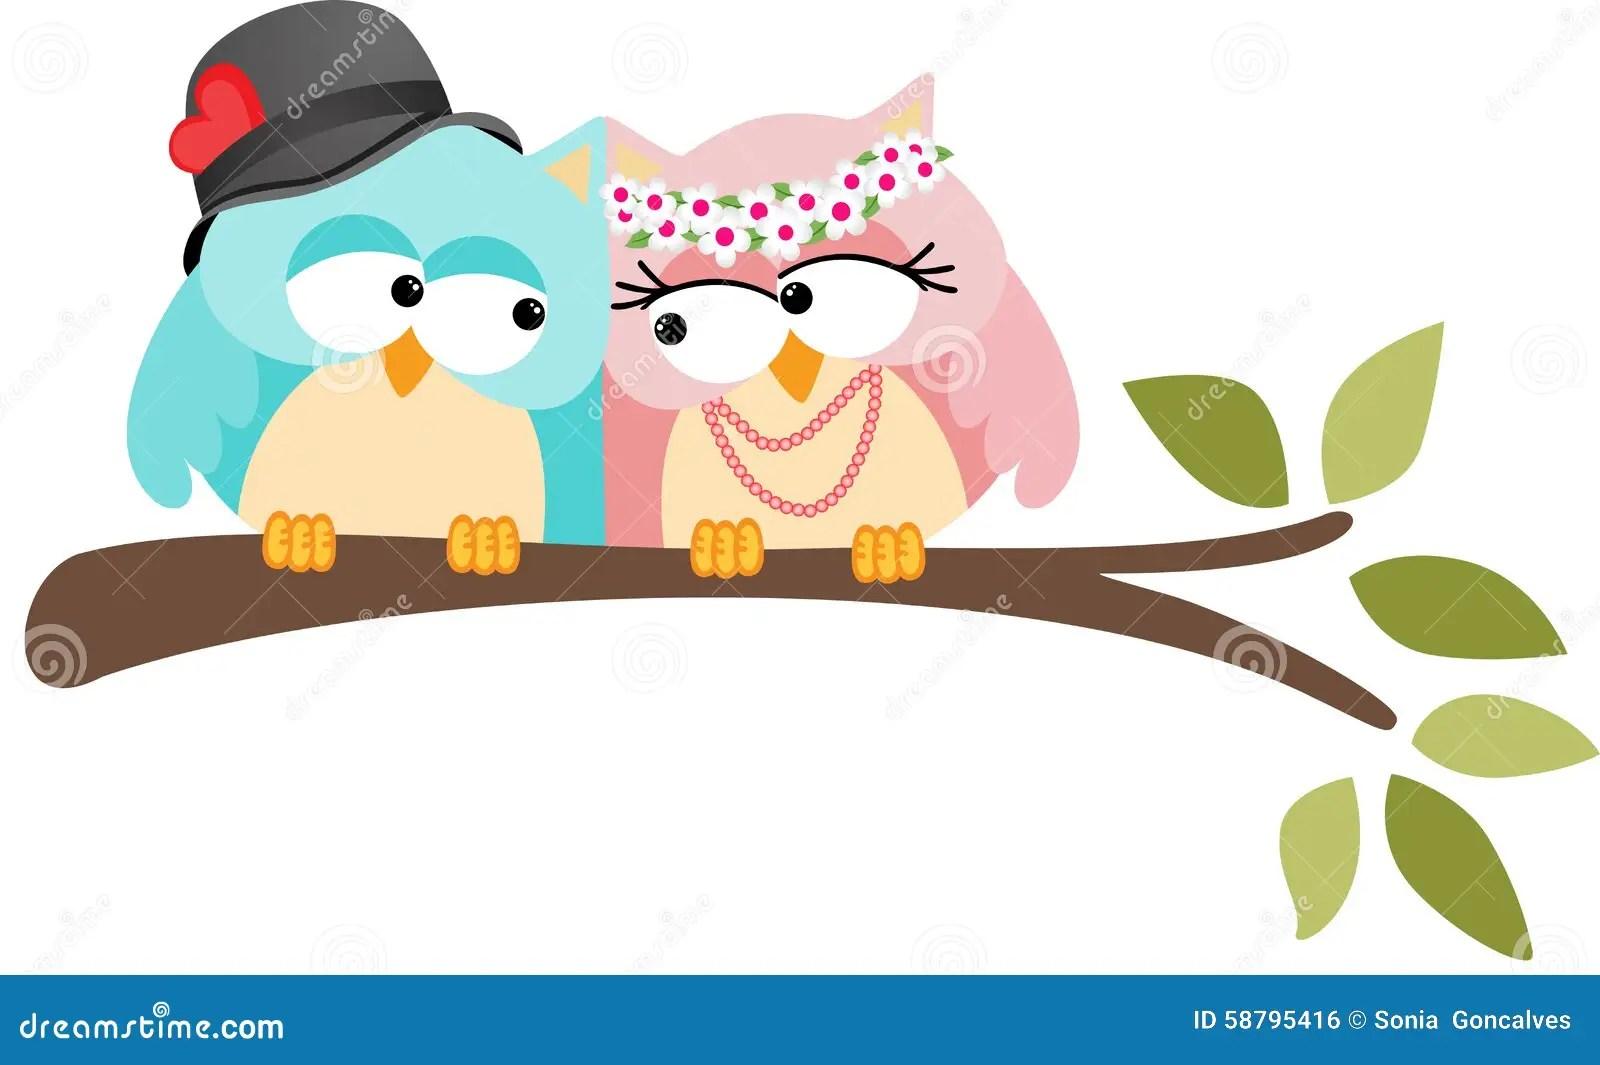 Cute Cartoon Bird Wallpapers Wallpaper Kartun Owl Lucu Impremedia Net